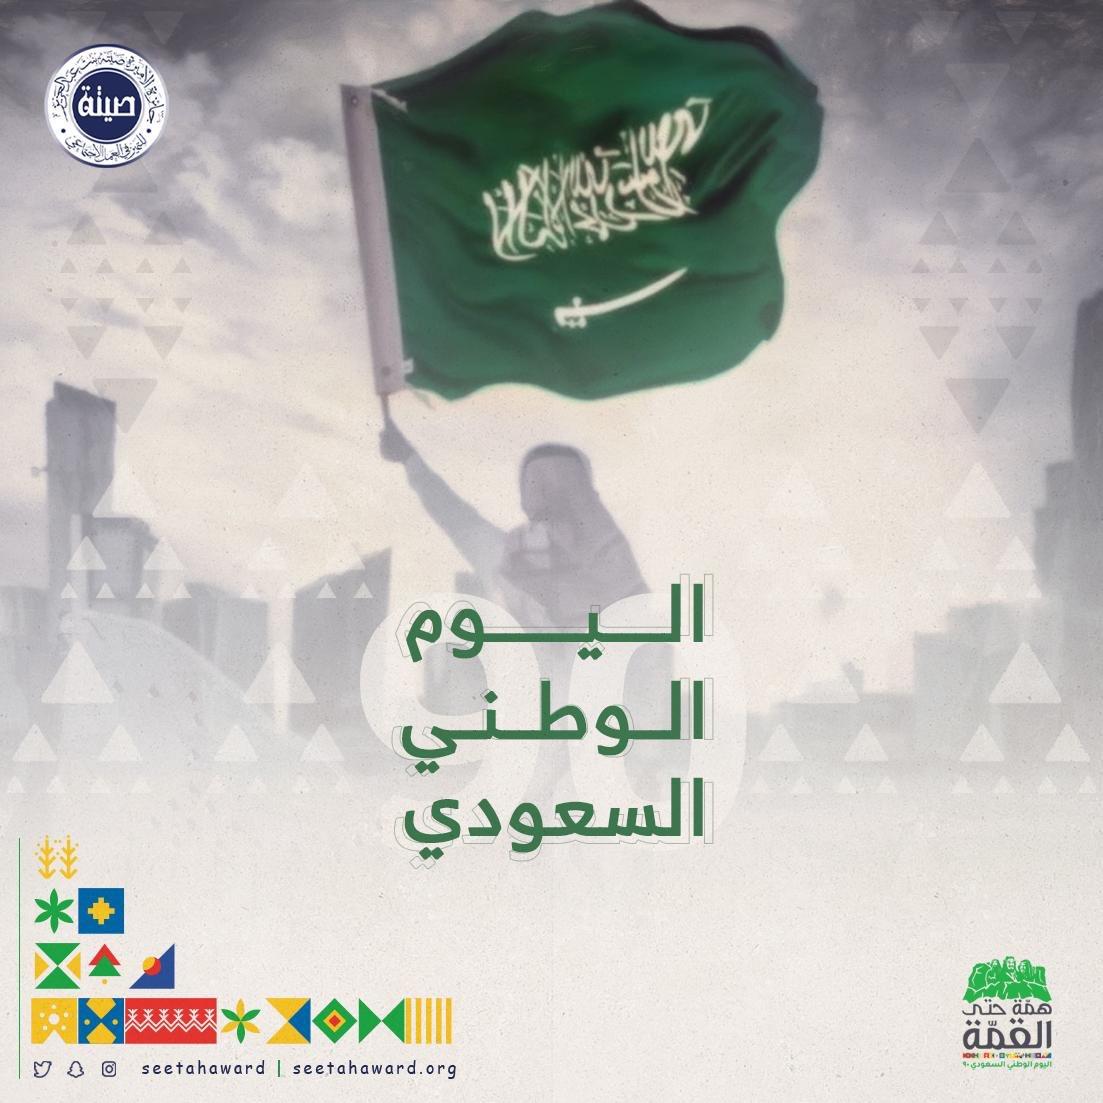 >اللهم احفظ بلادنا وأدم عليها نعمة الاسلام  اليوم الوطني السعودي90 همة حتى القمة